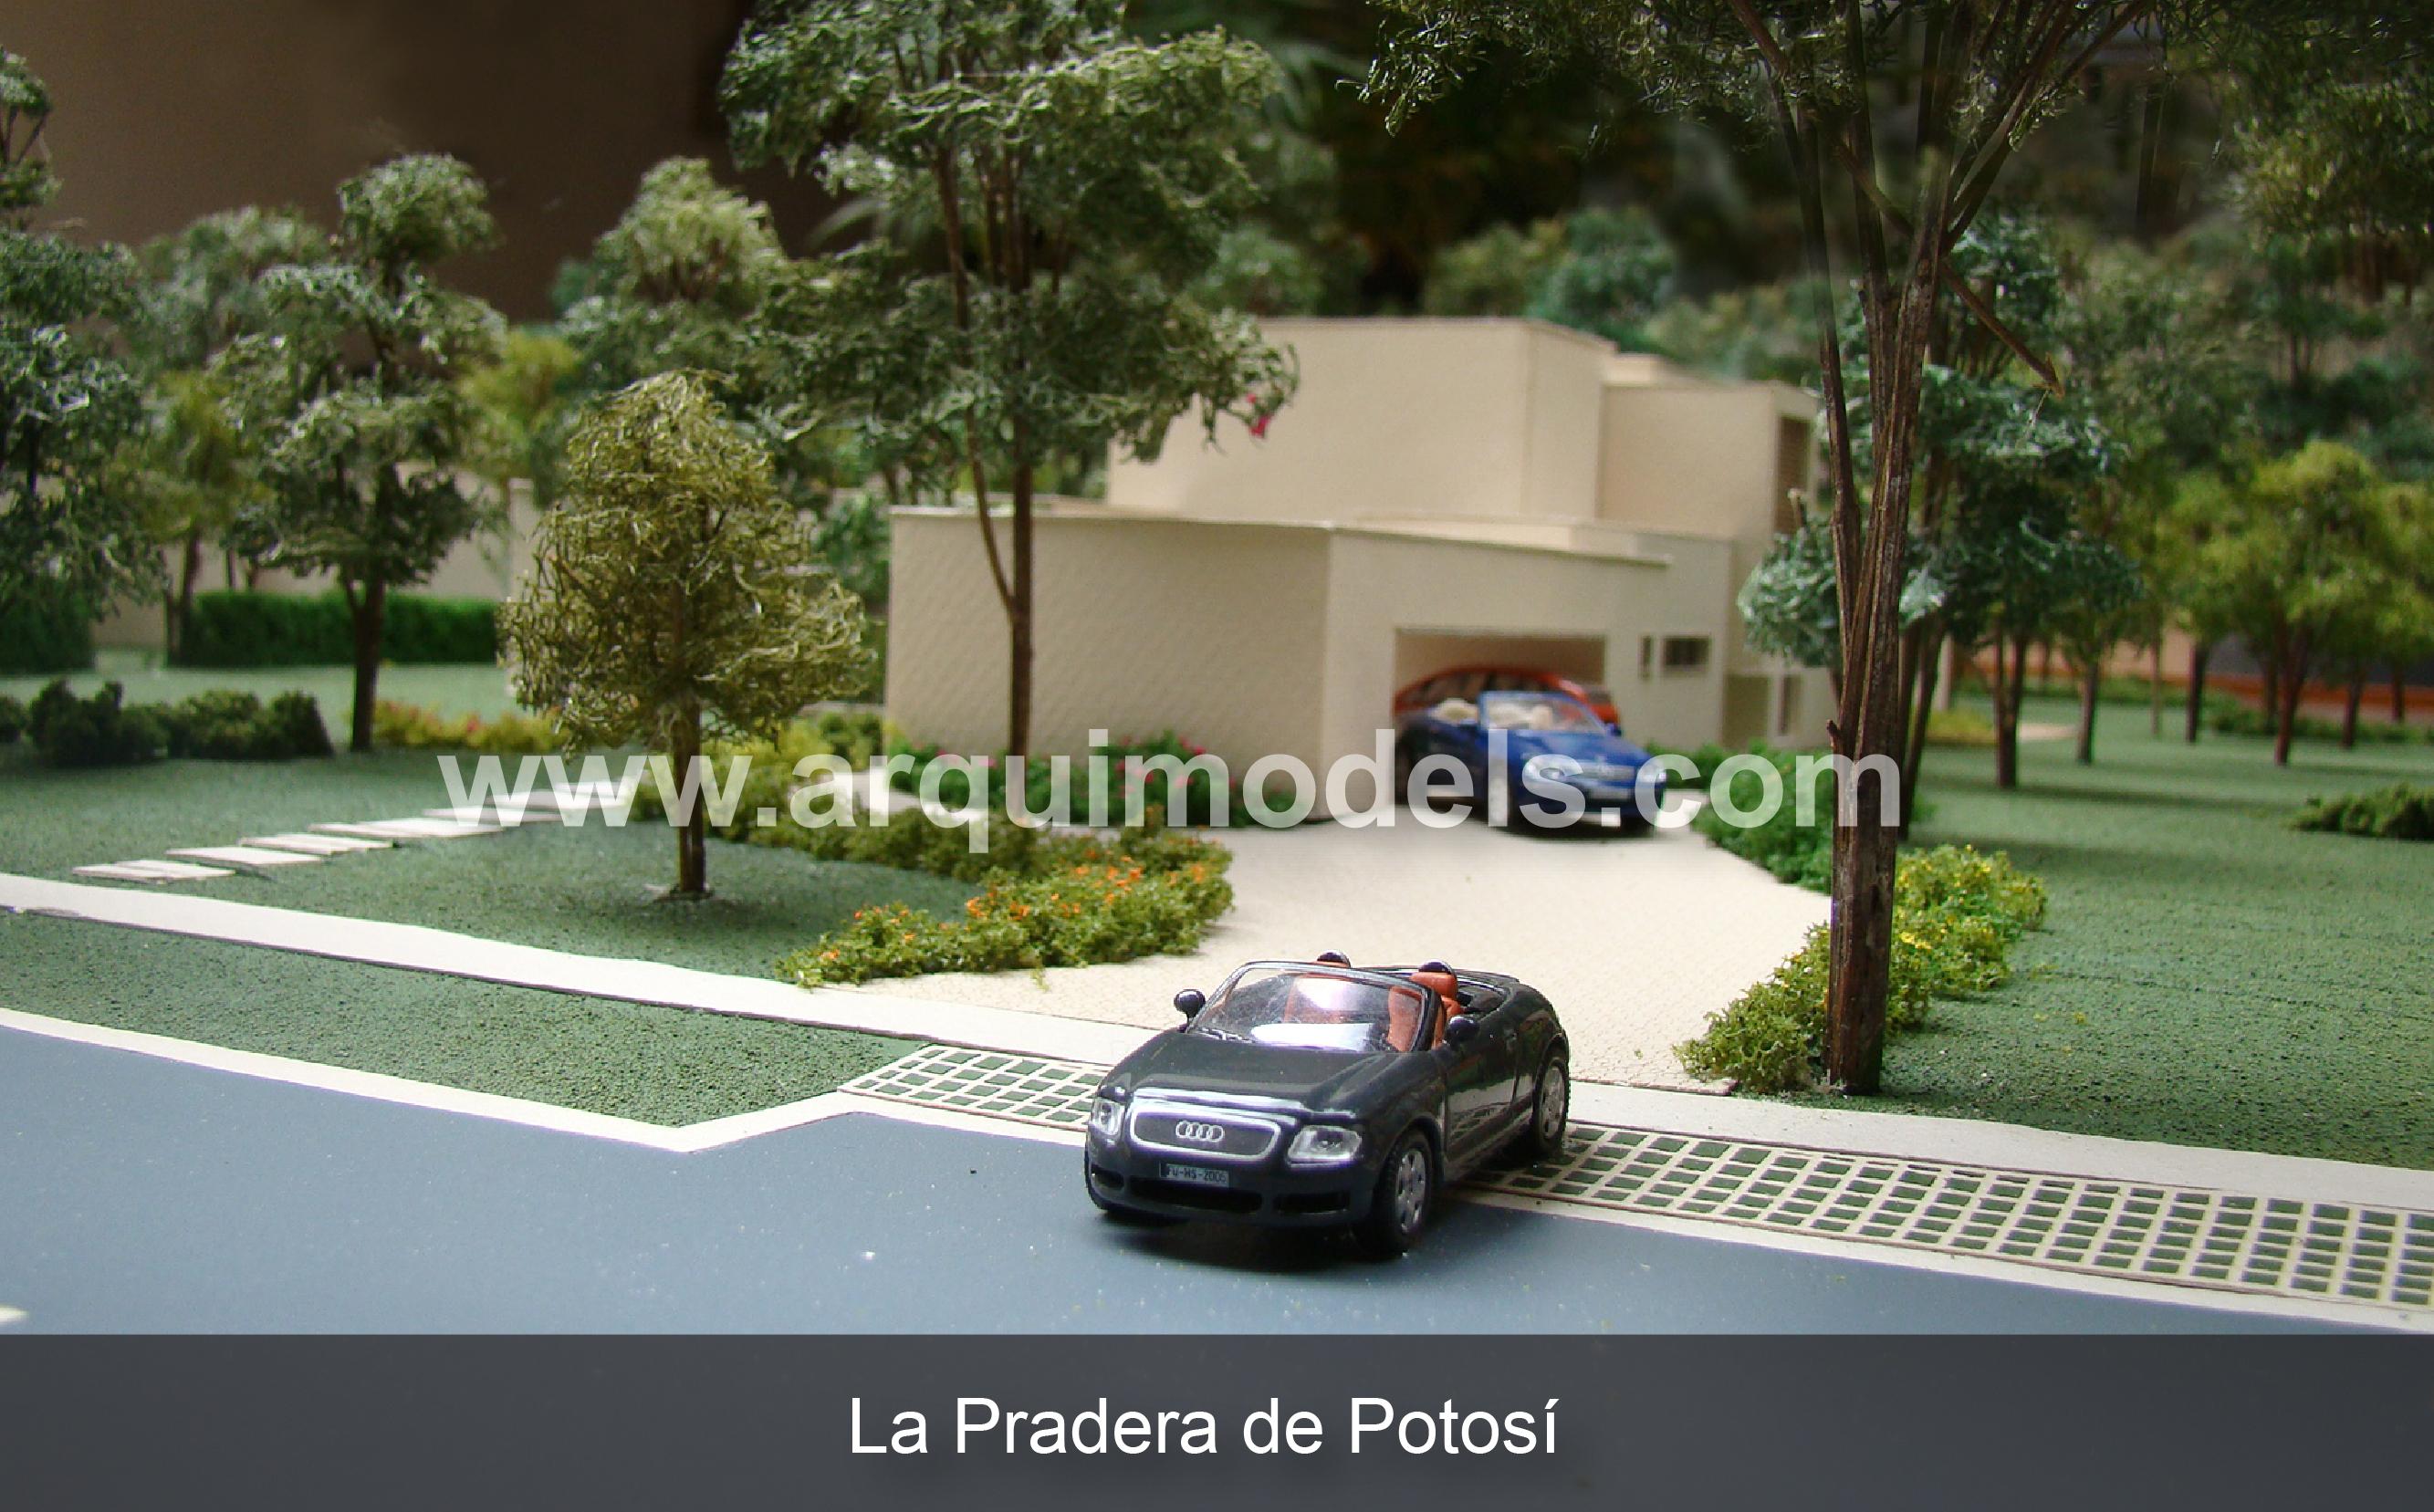 La_Pradera_de_Potosí-01